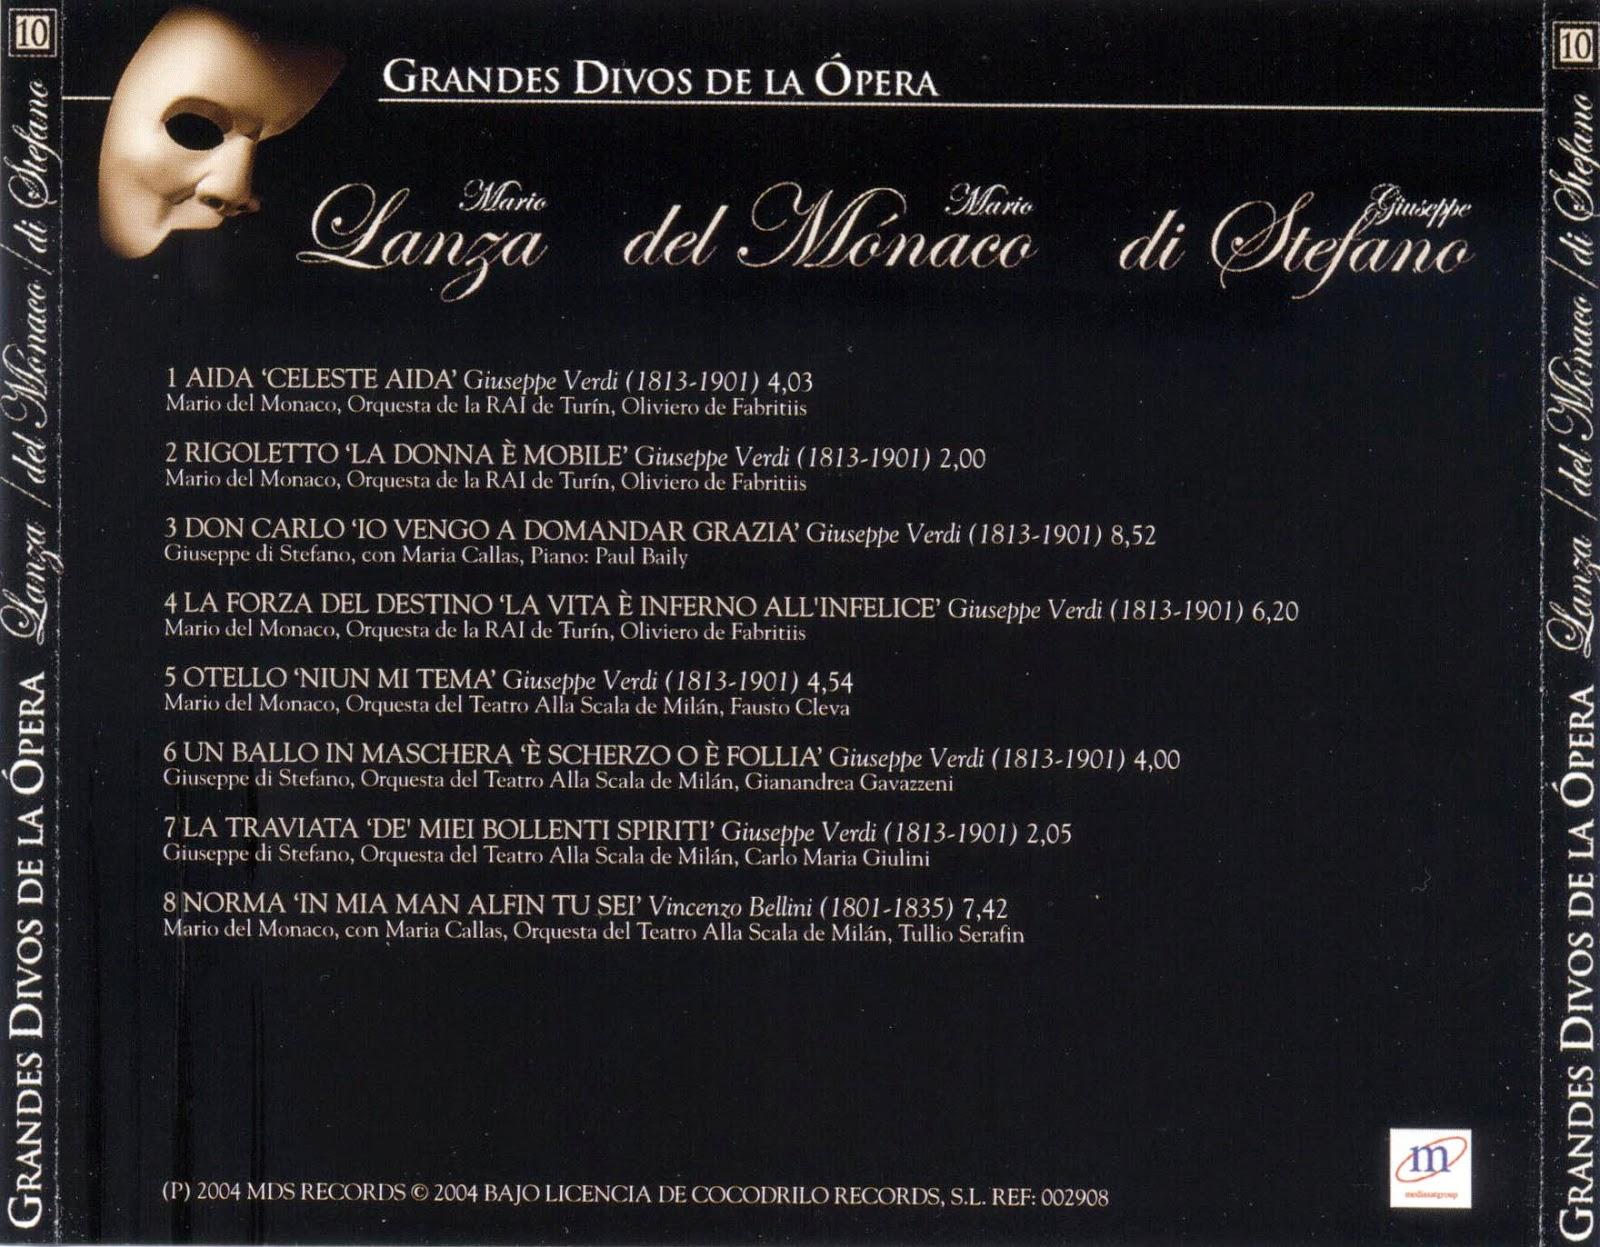 Grandes Divos de la Ópera-cd10-Mario Lanza, Mario del Mónaco & Giuseppe di Stefano-carátula trasera